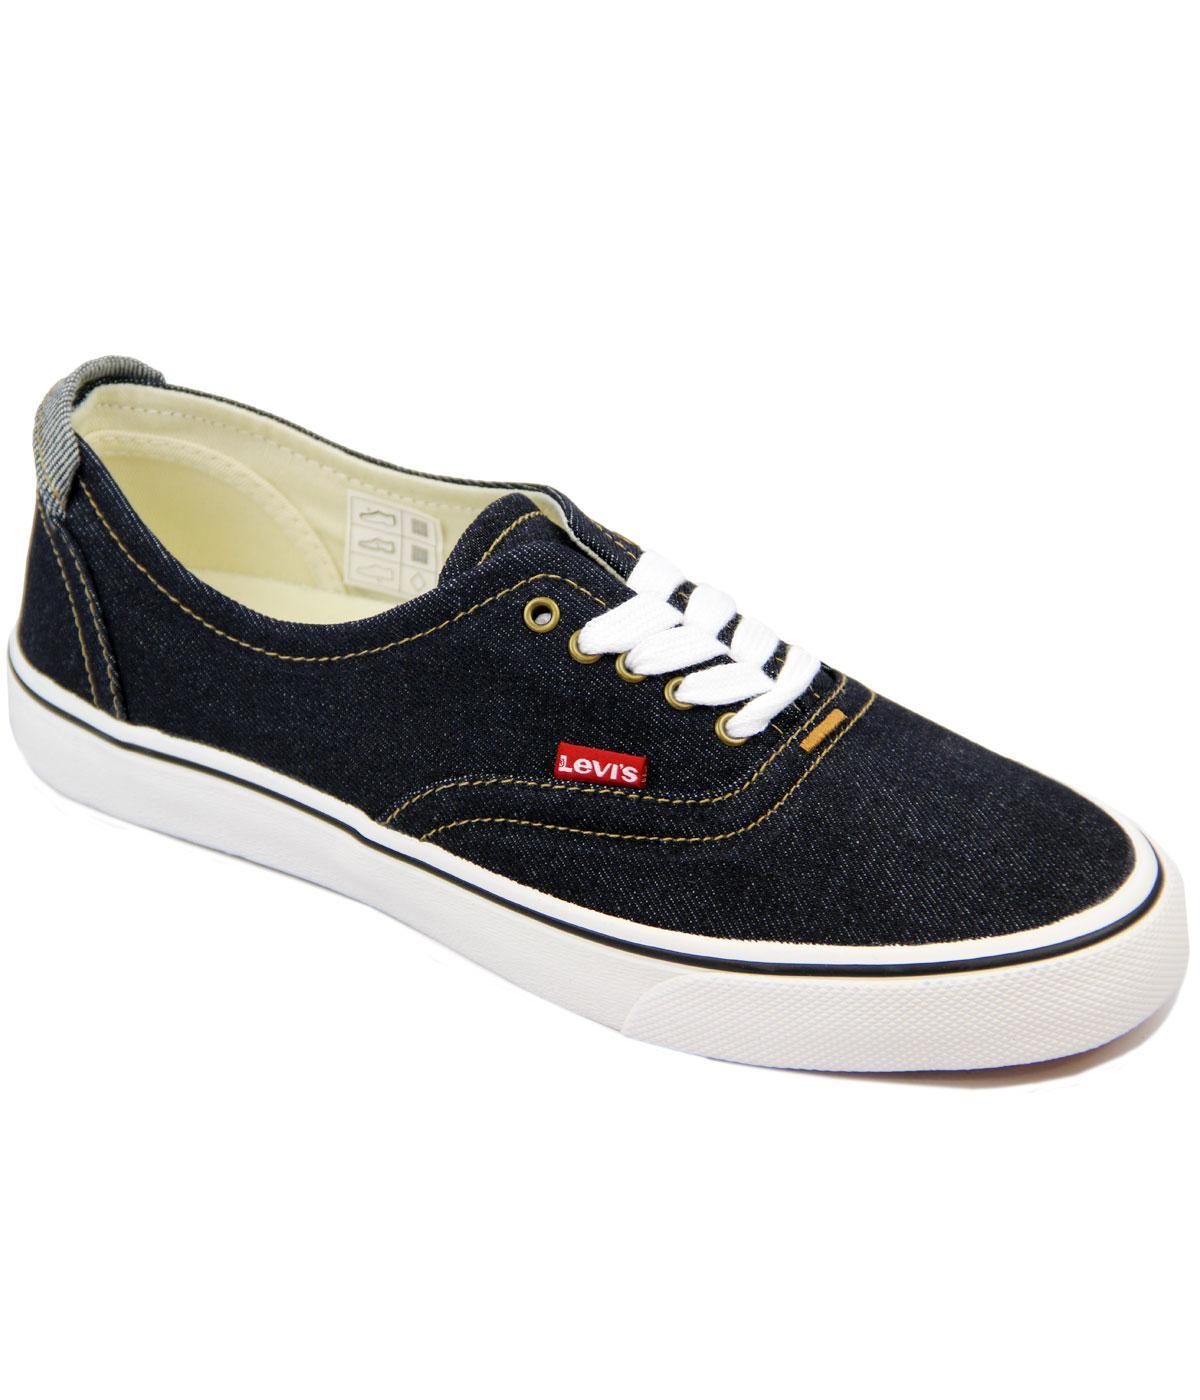 Levi's® Original Red Tab Retro Denim Sneakers